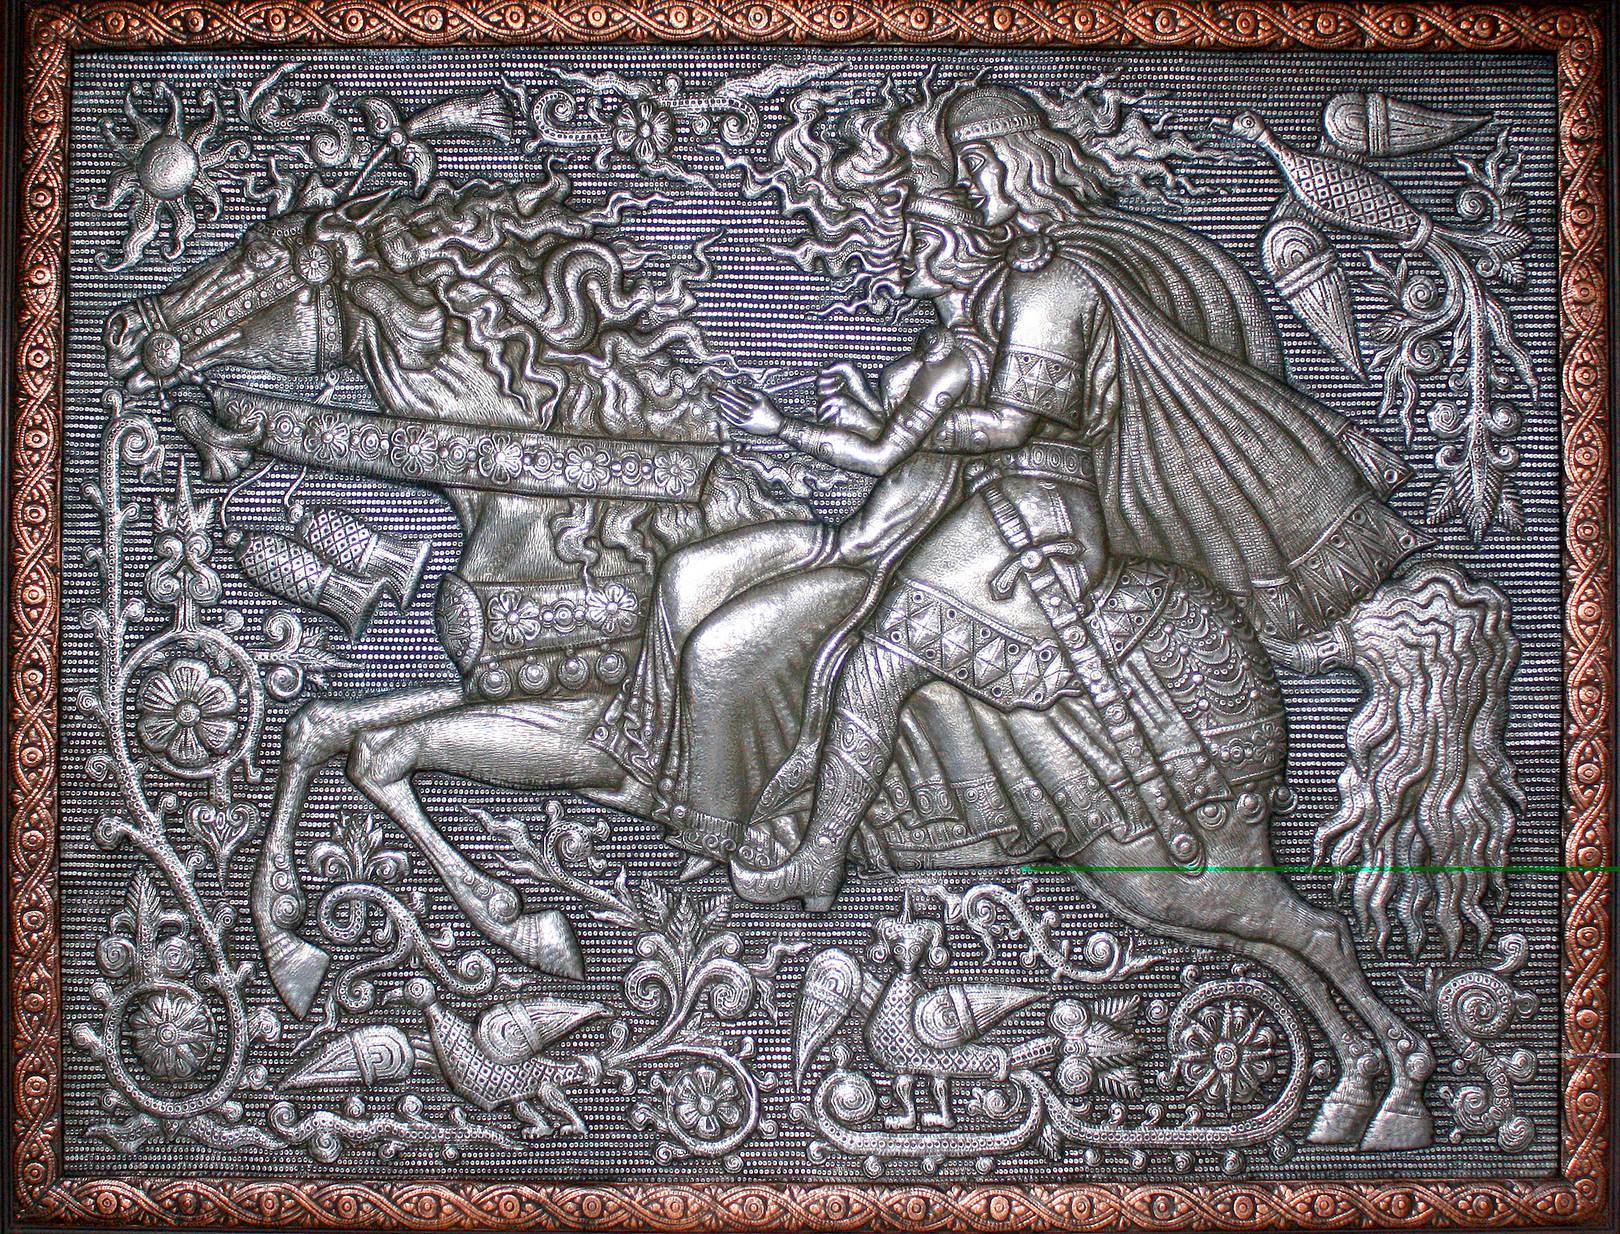 Конная прогулка (панно) 2005 г. Алюминий, медь; чернение 73 х93 см